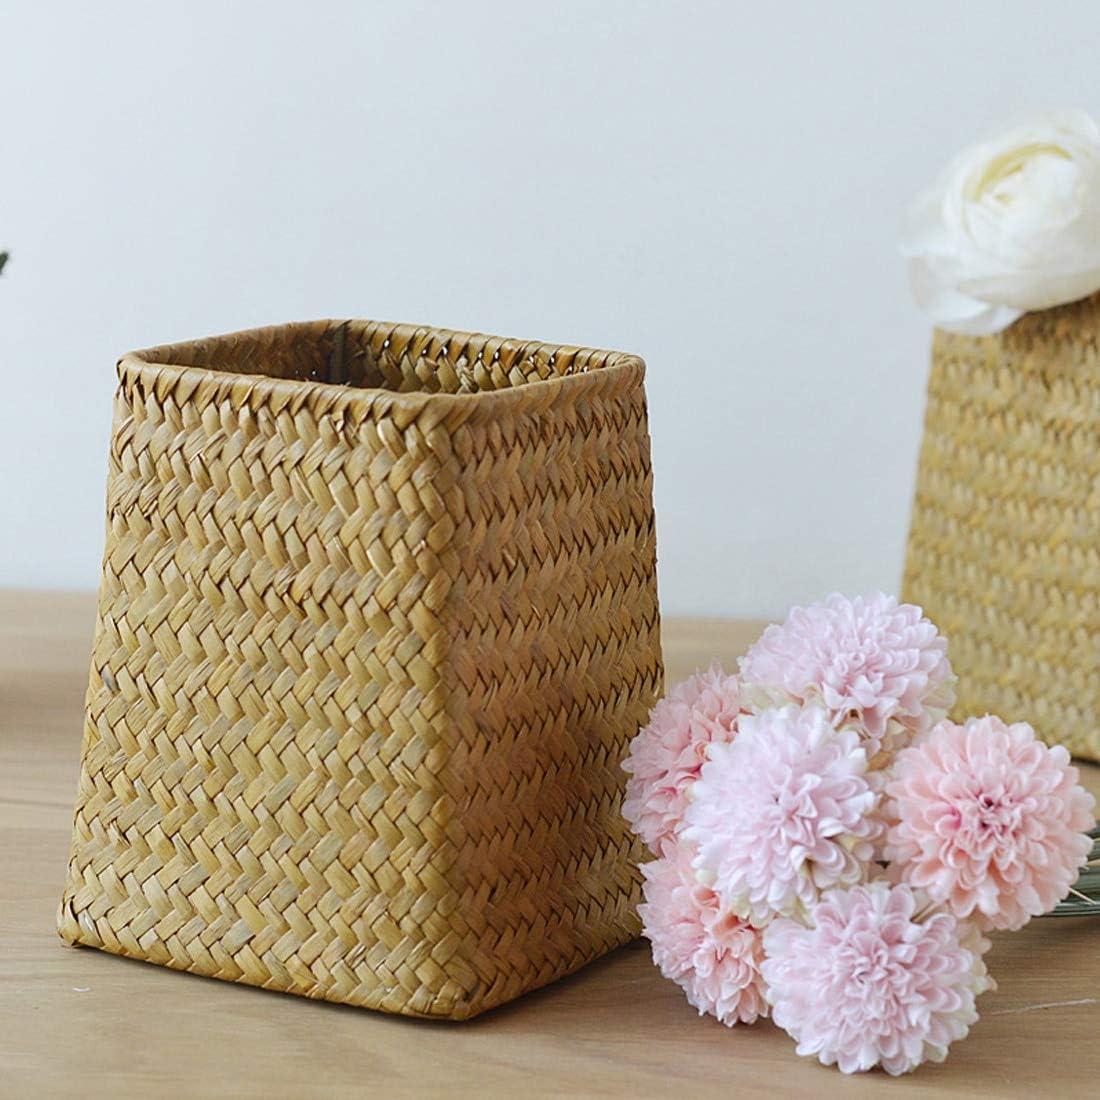 Noyokere Panier en rotin Domestique Paniers en Osier dalgues Panier de Rangement pour Le Linge Sale D/écoration pour la Maison